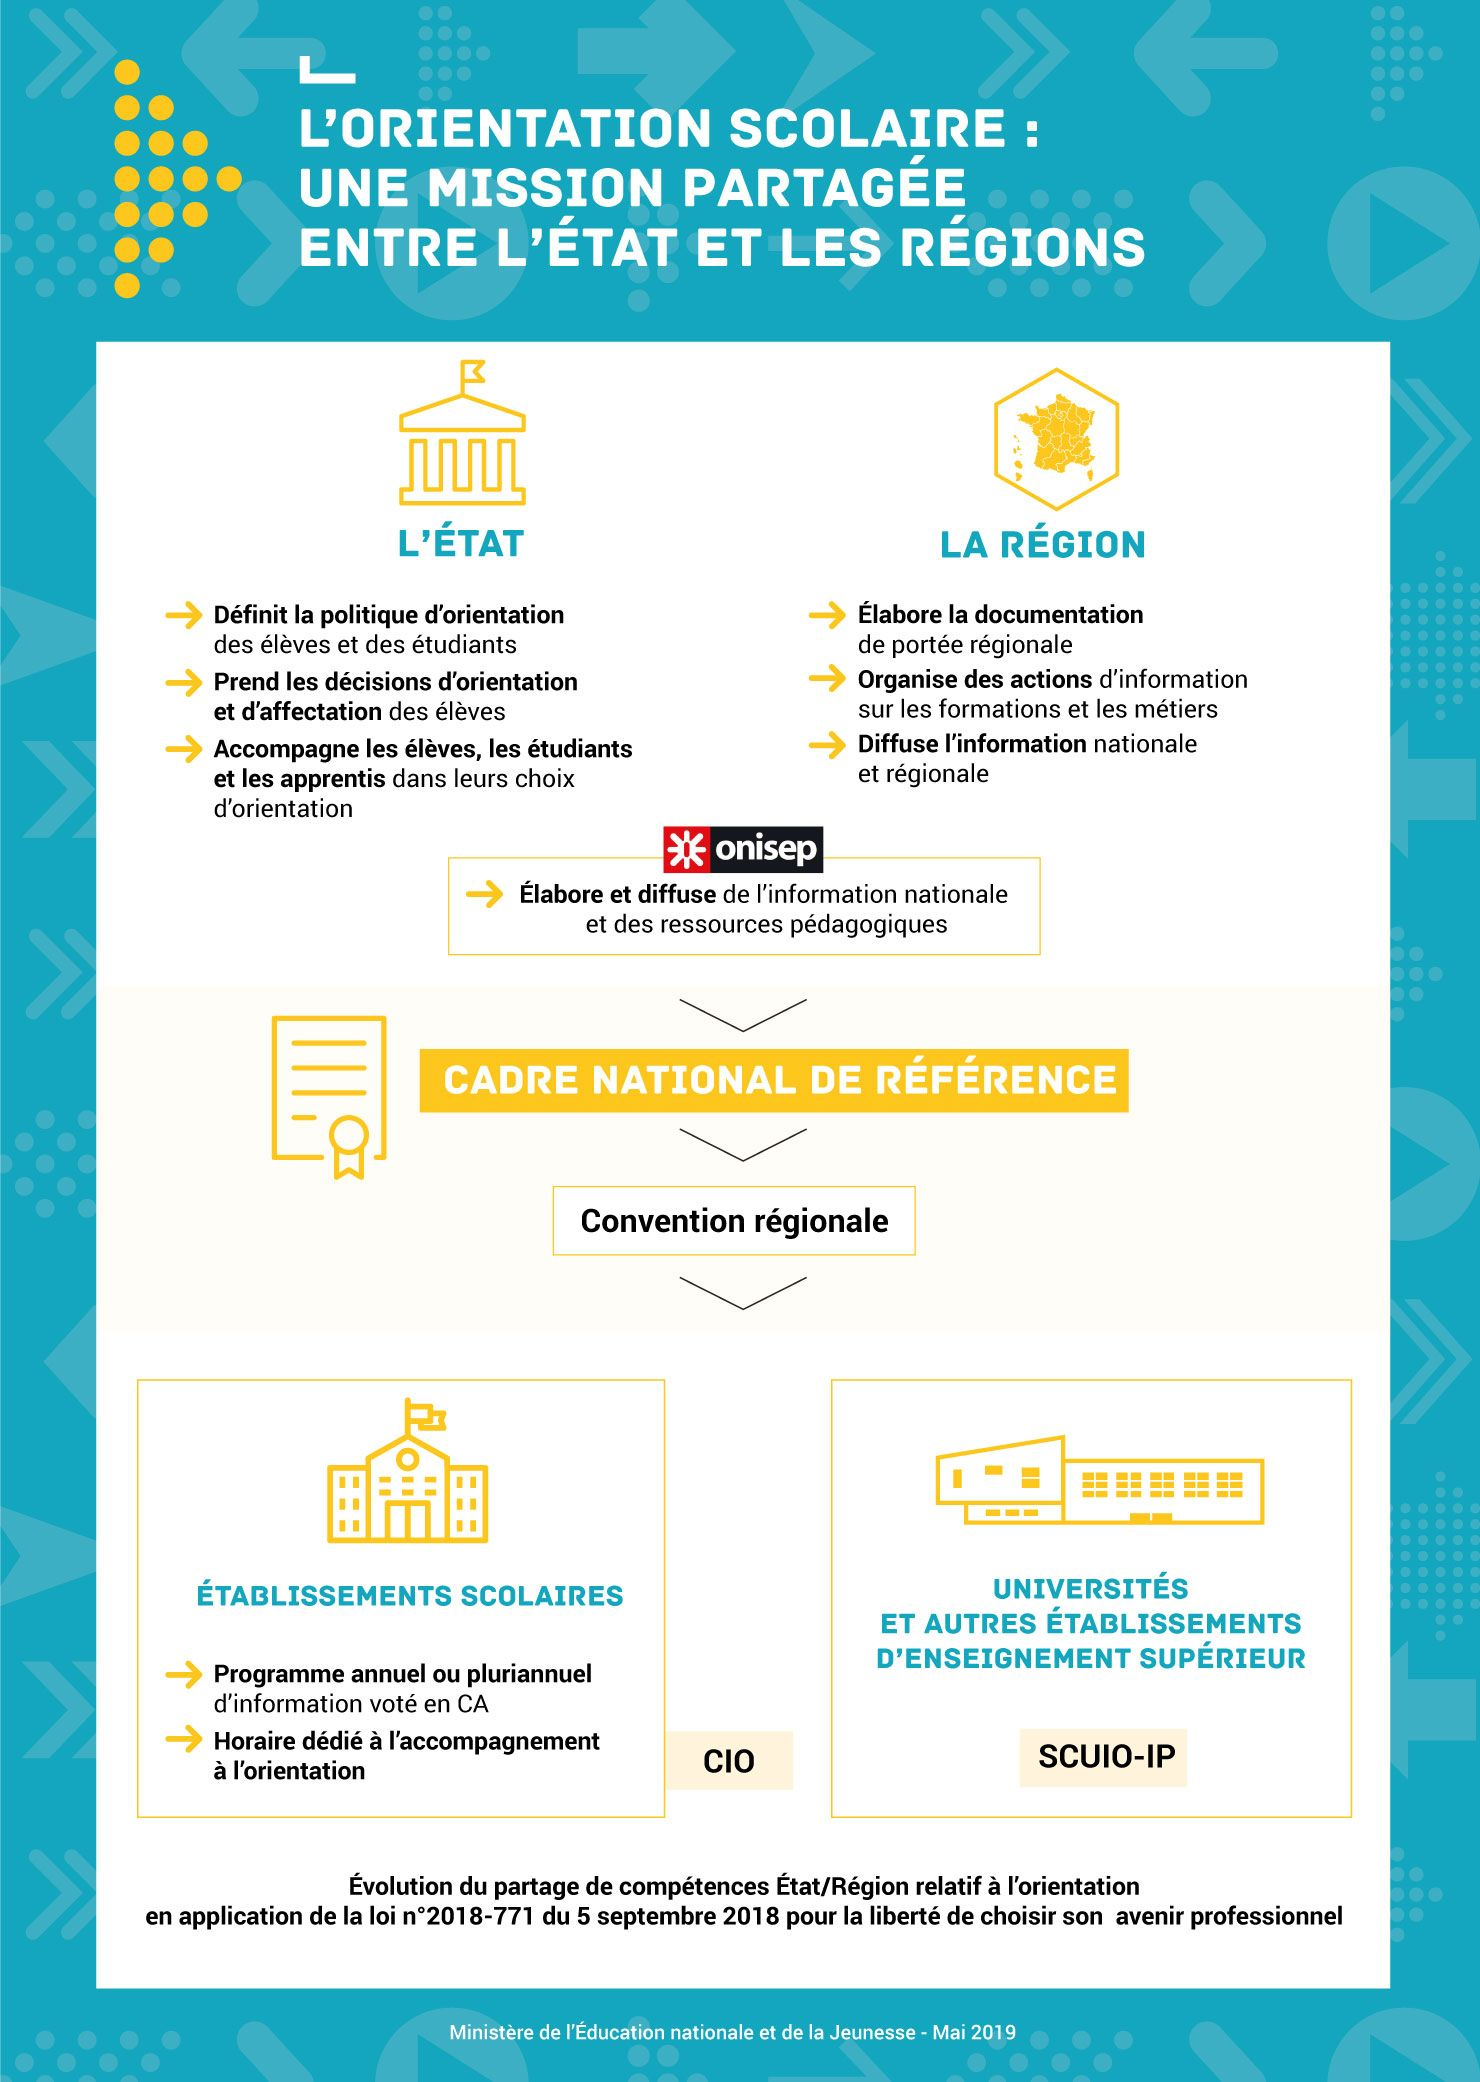 Orientation Scolaire Cadre National De Reference Entre L Etat Et Regions De France Ministere De L Educati Orientation Scolaire Scolaire Education Nationale